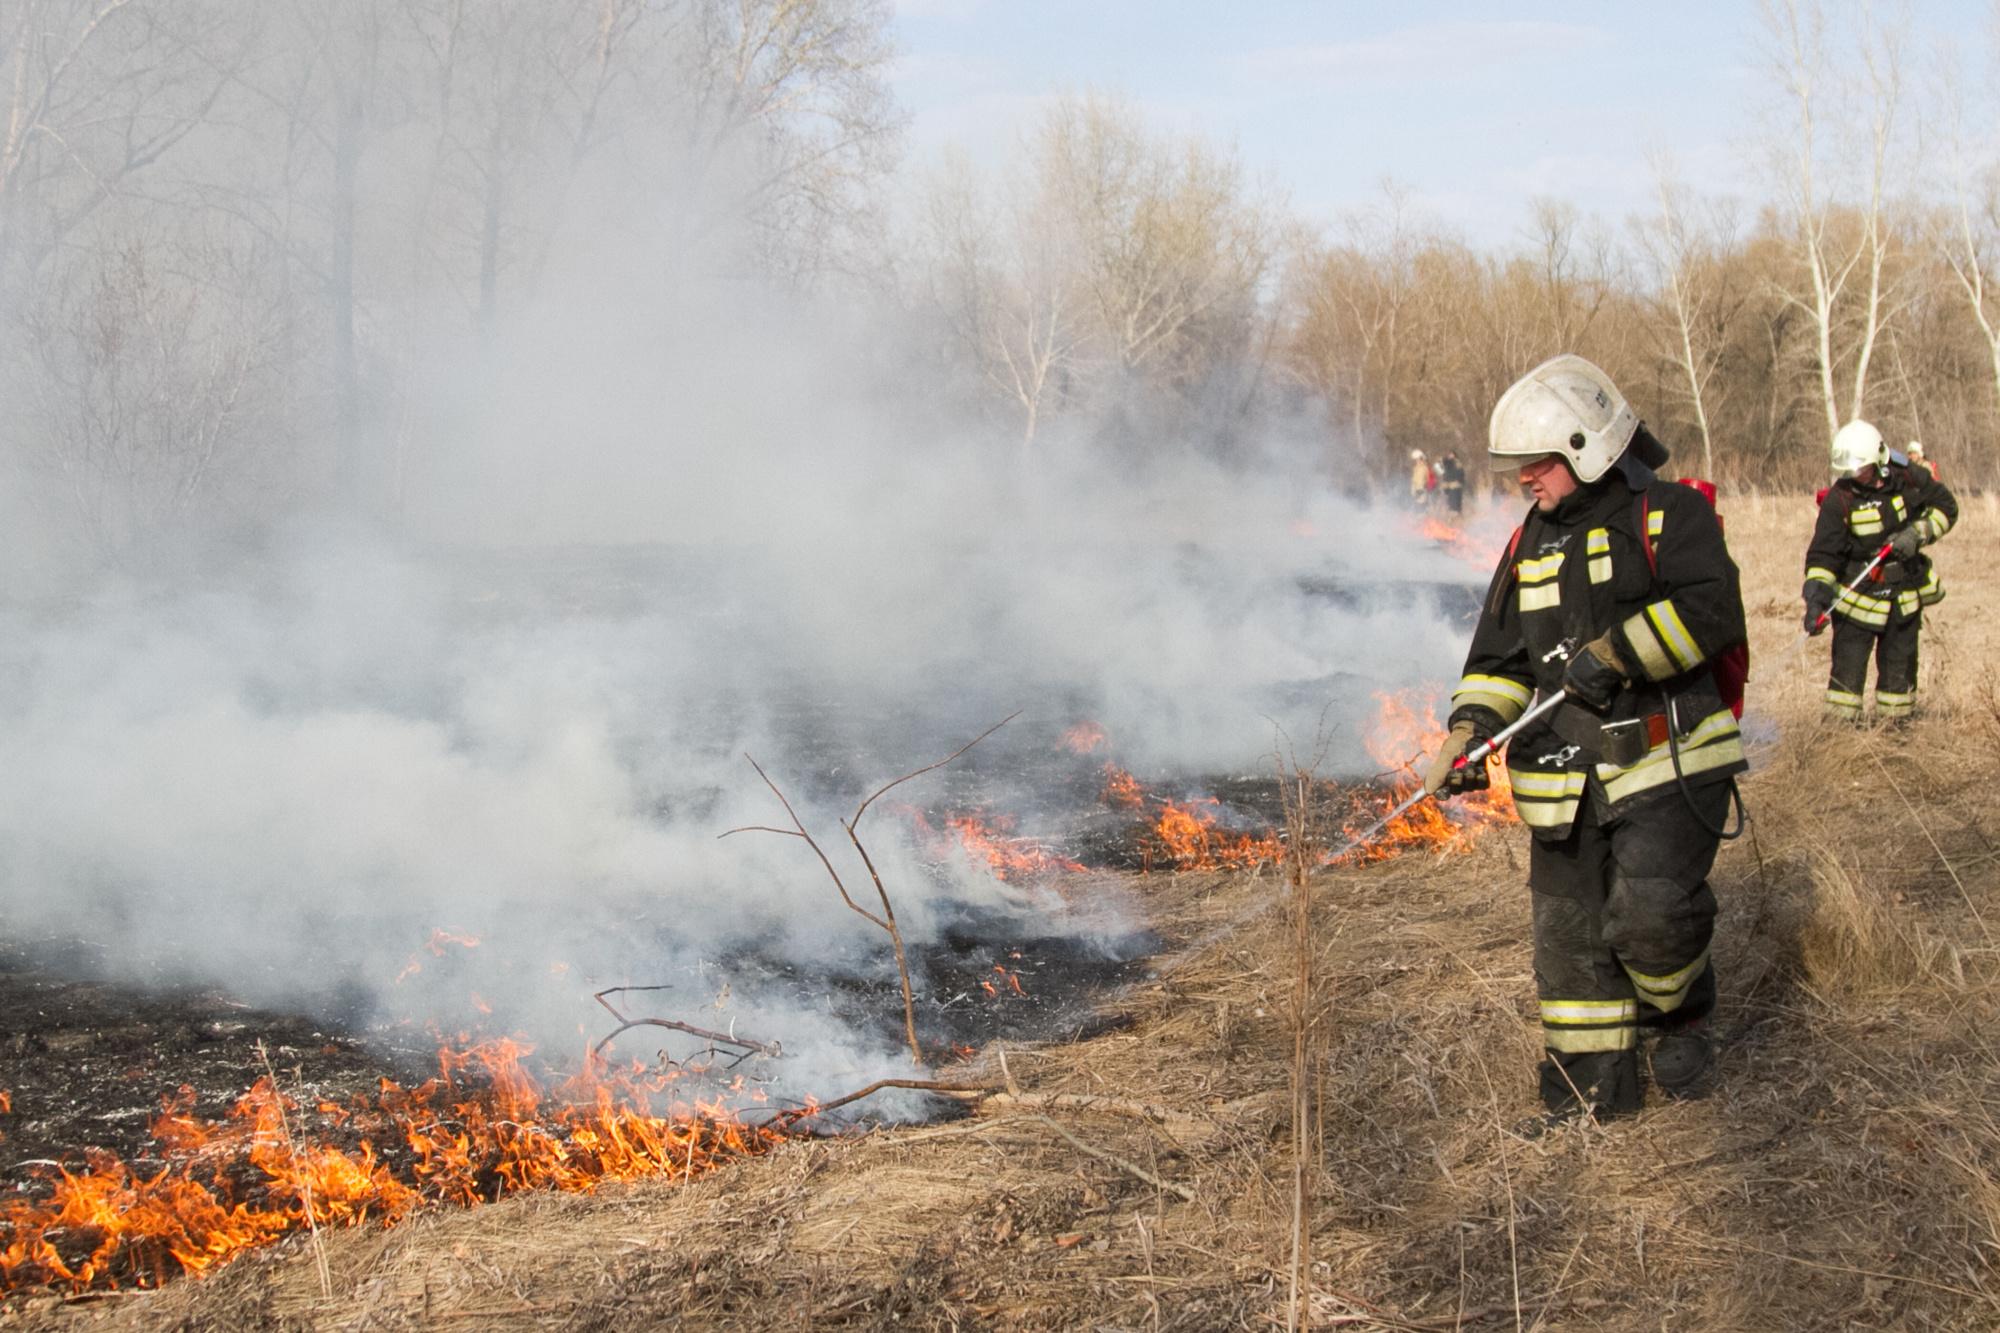 Жителей юга Омской области предупреждают о страшных пожарах #Новости #Общество #Омск